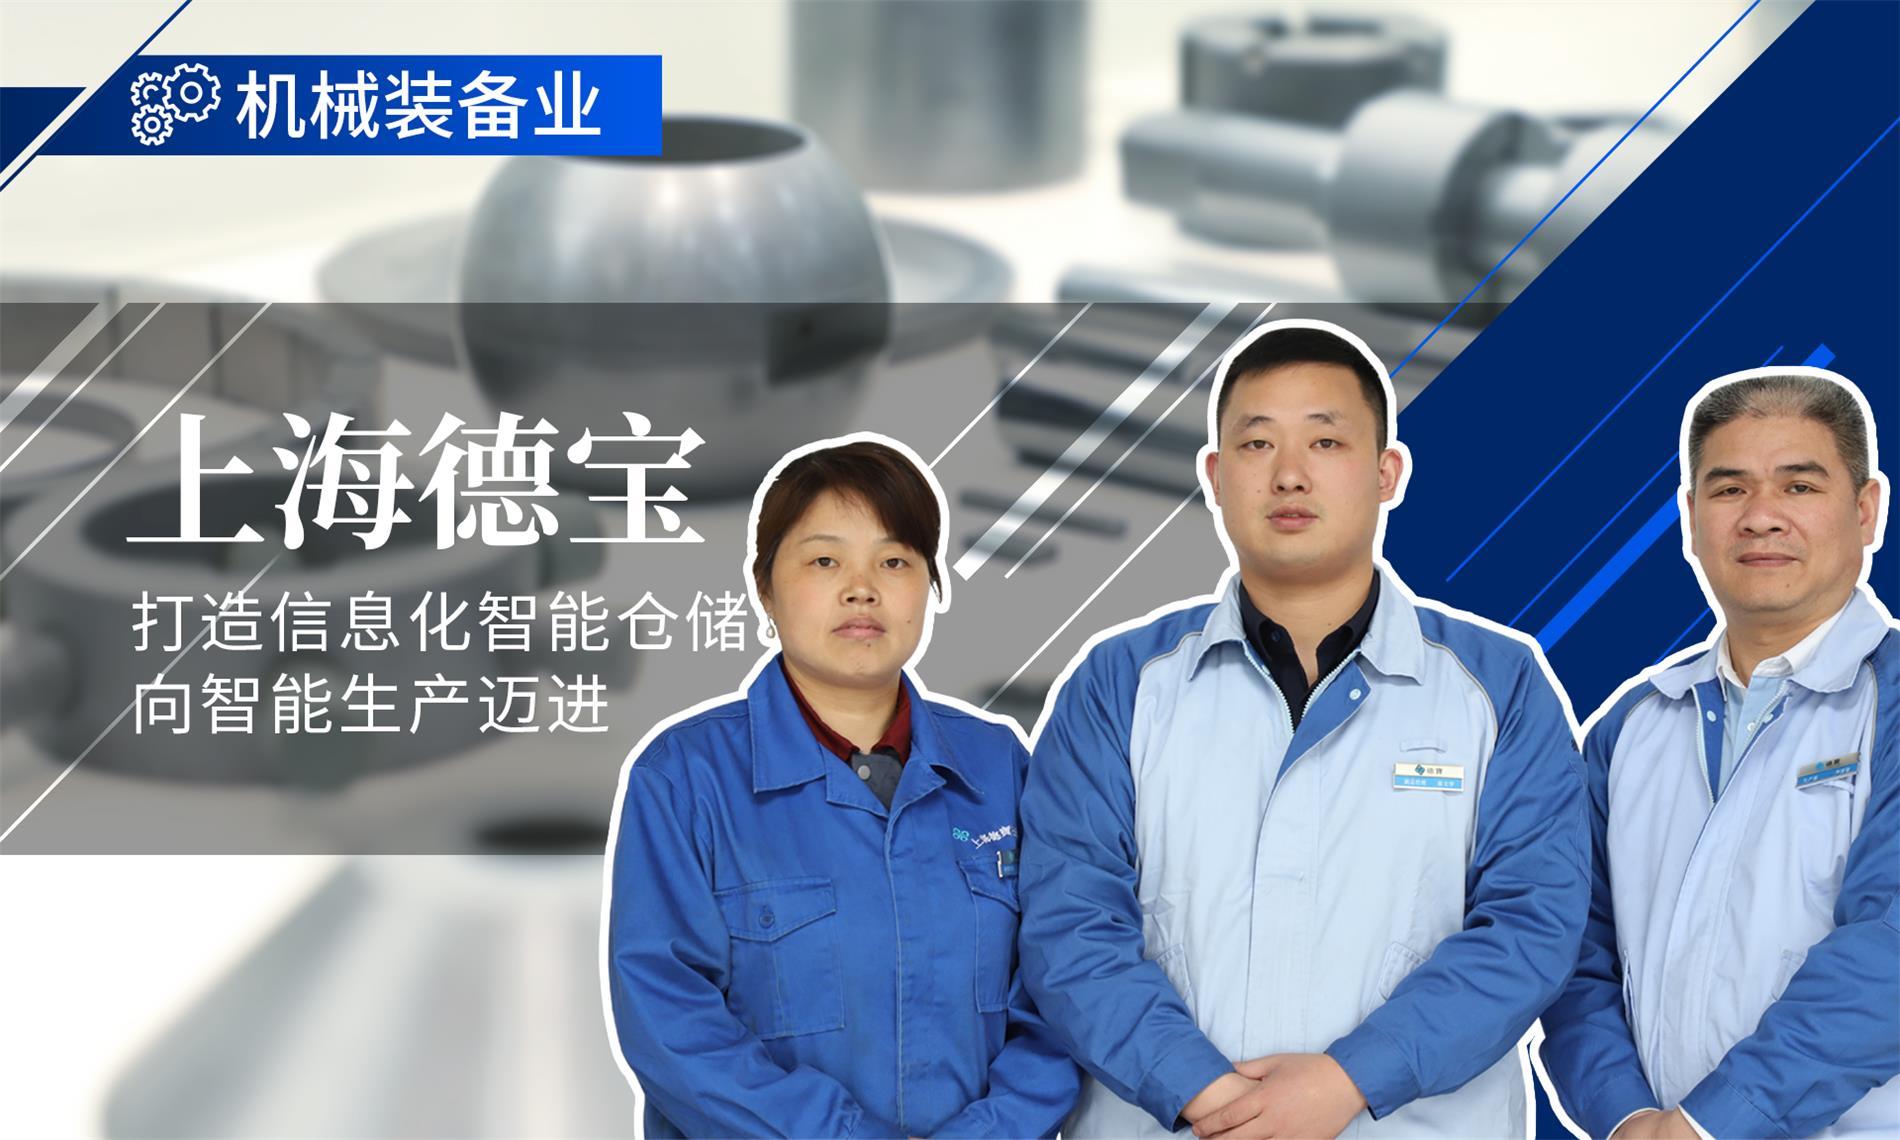 上海德宝依靠信息化高技术仓储,向高技术生产制造迈进